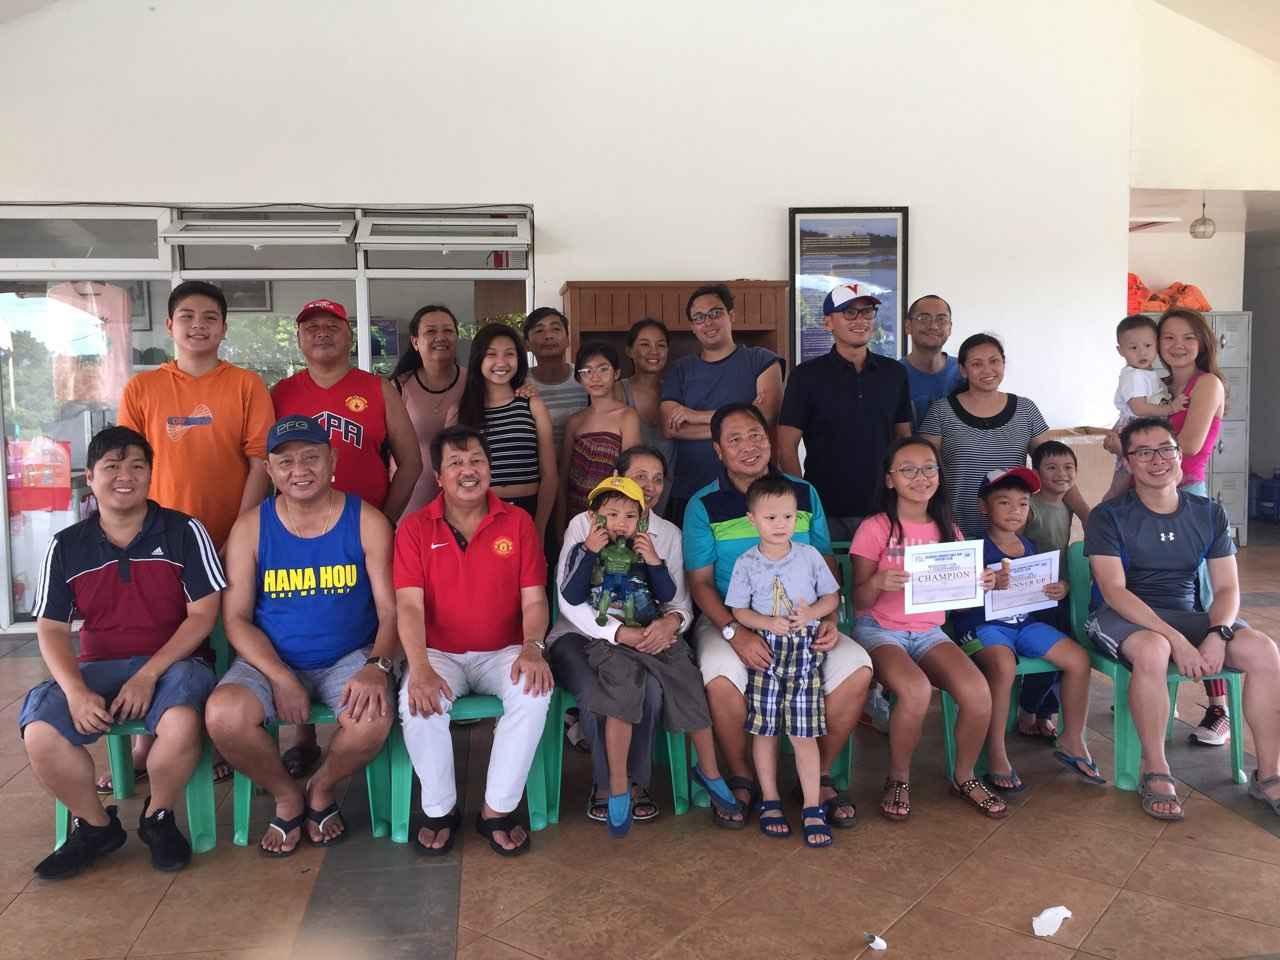 Caliraya_Springs_Golf_Fishing_Tournament-10.jpg